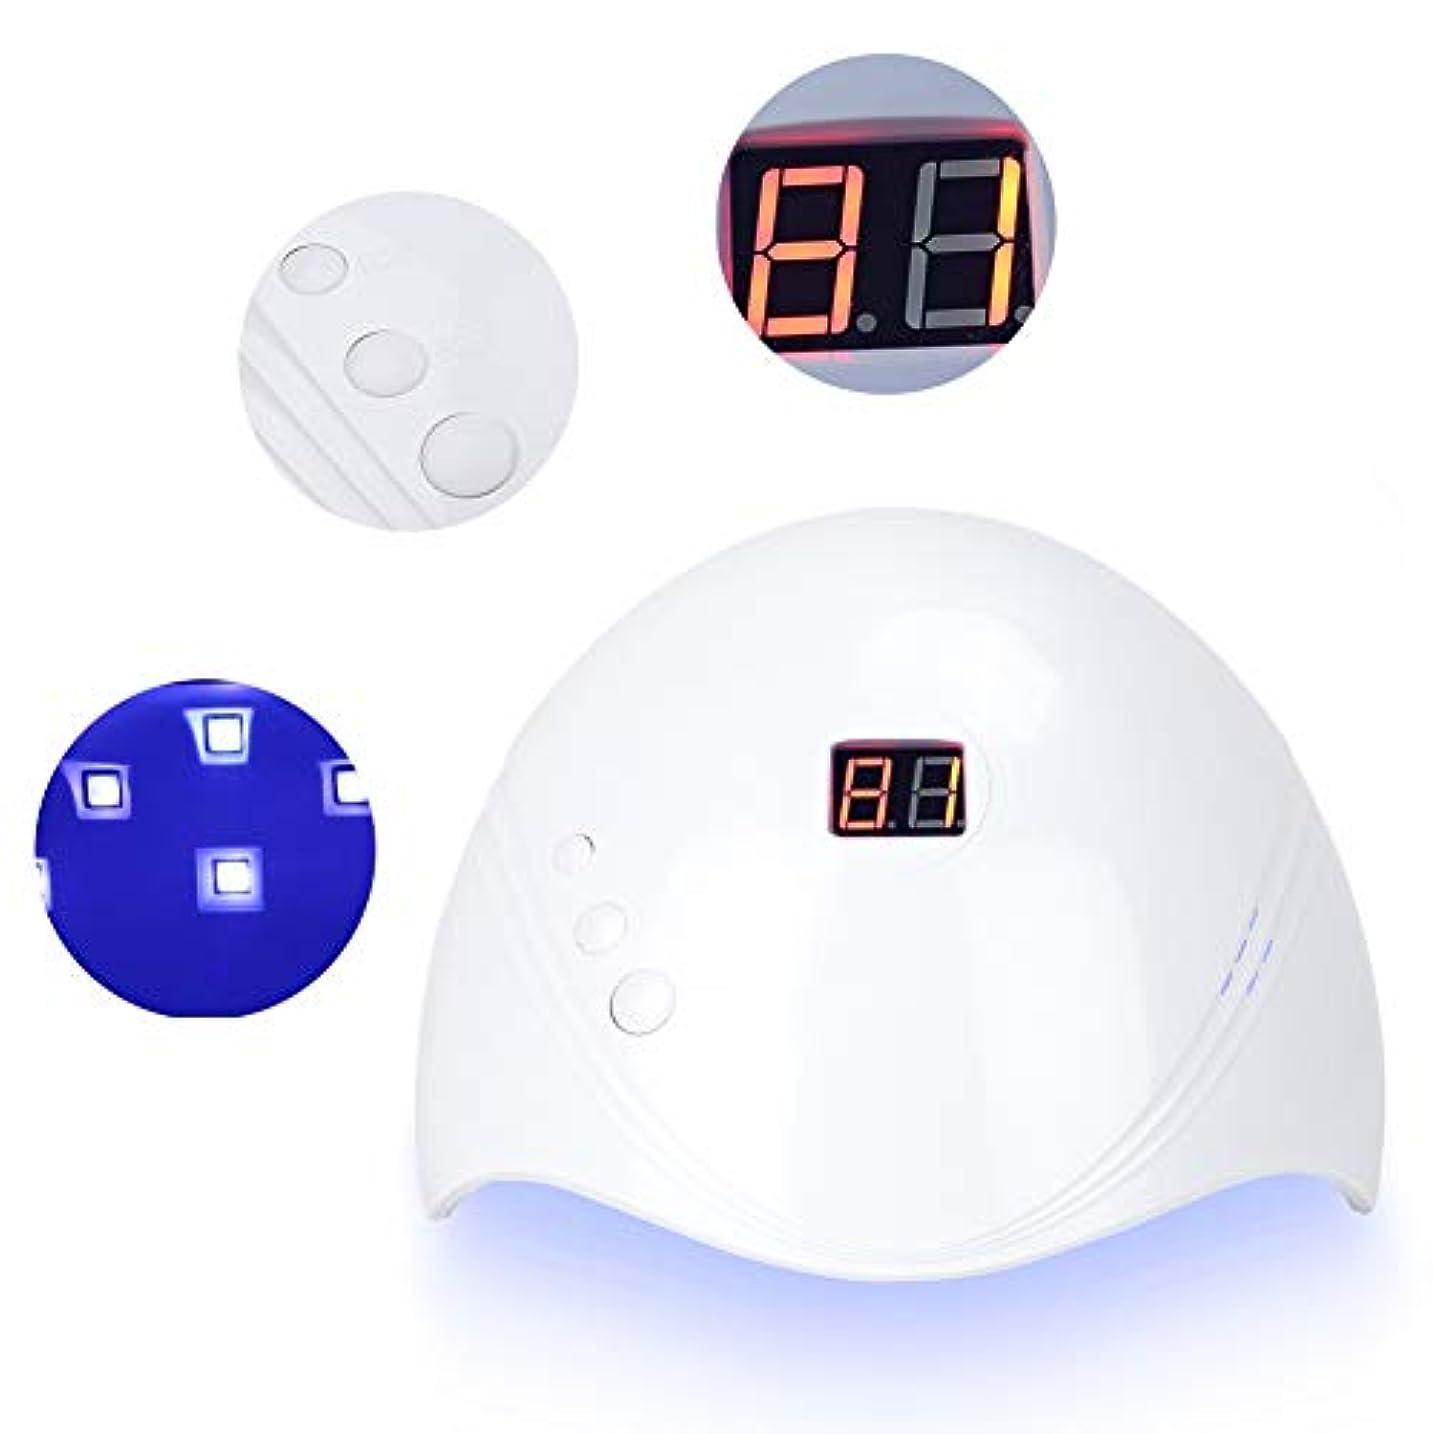 オリエントラリー独立してUV LEDネイルランプ、プロフェッショナル36WネイルアートLEDランプドライヤージェルポリッシュ硬化マニキュア